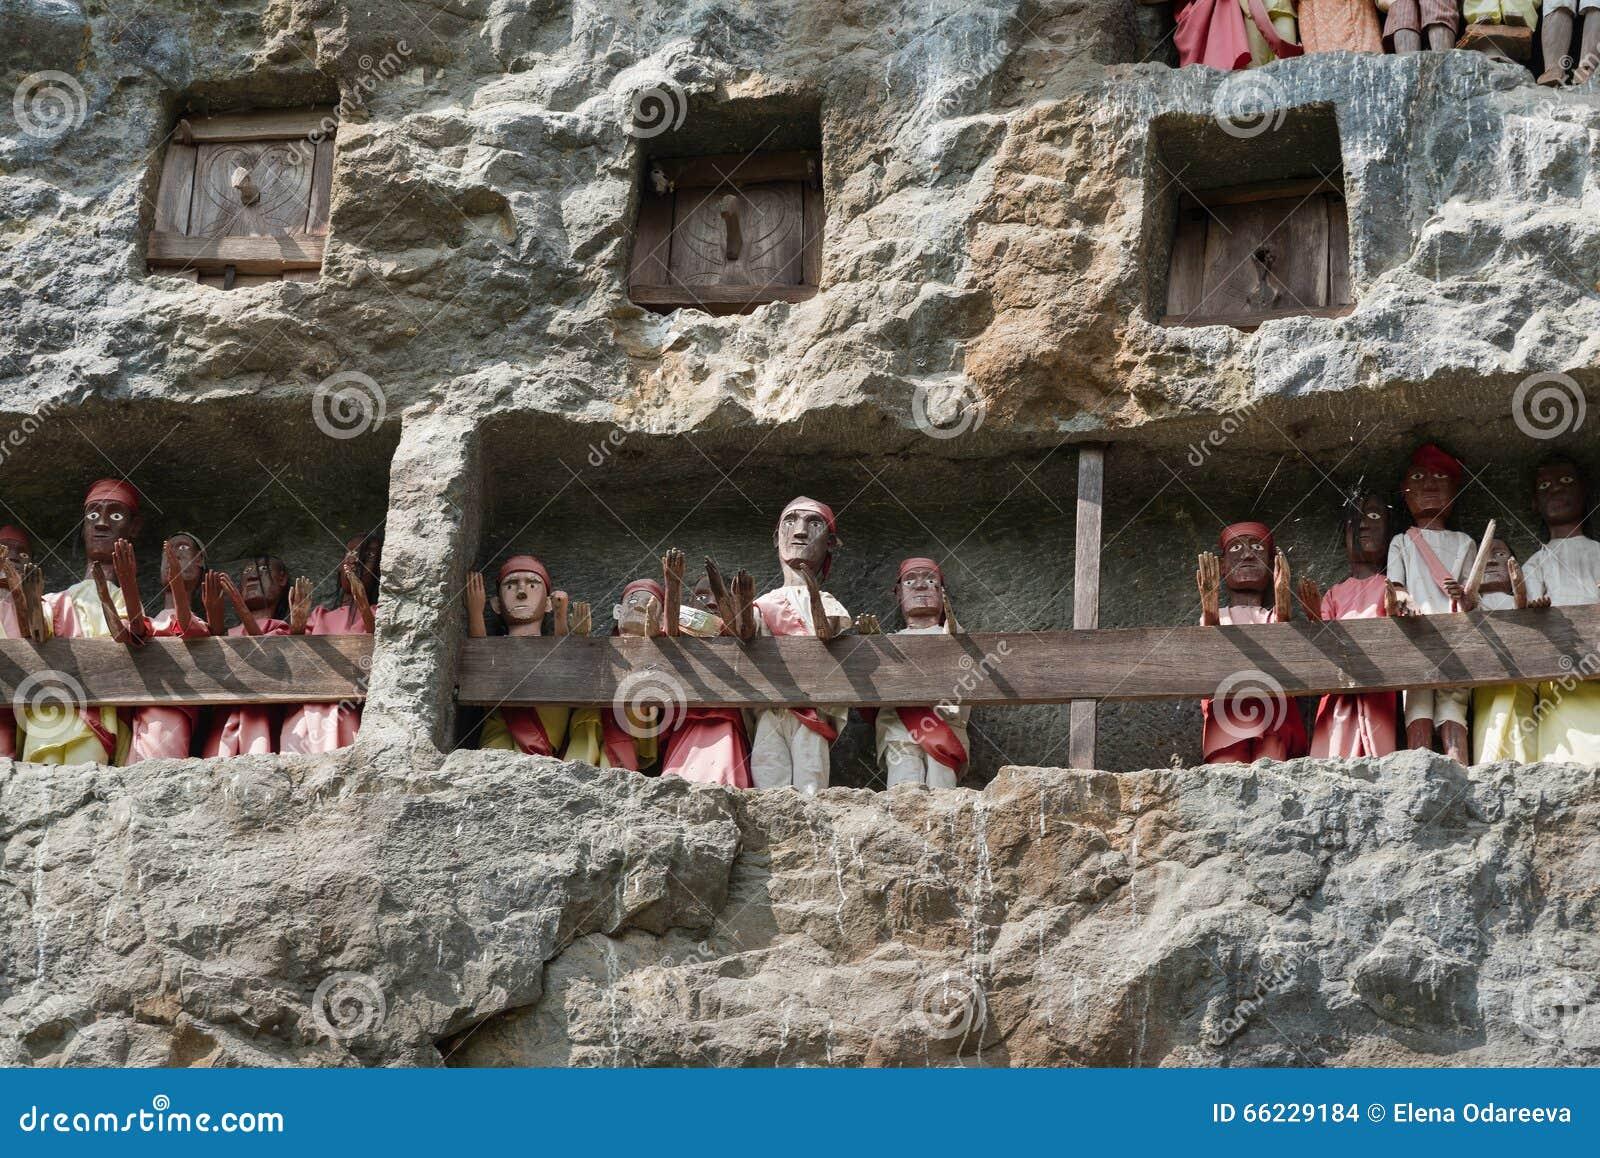 Houten Standbeelden van Tau Tau Lemo is plaats van de klippen de oude begrafenis in Tana Toraja Zuiden Sulawesi, Indonesië